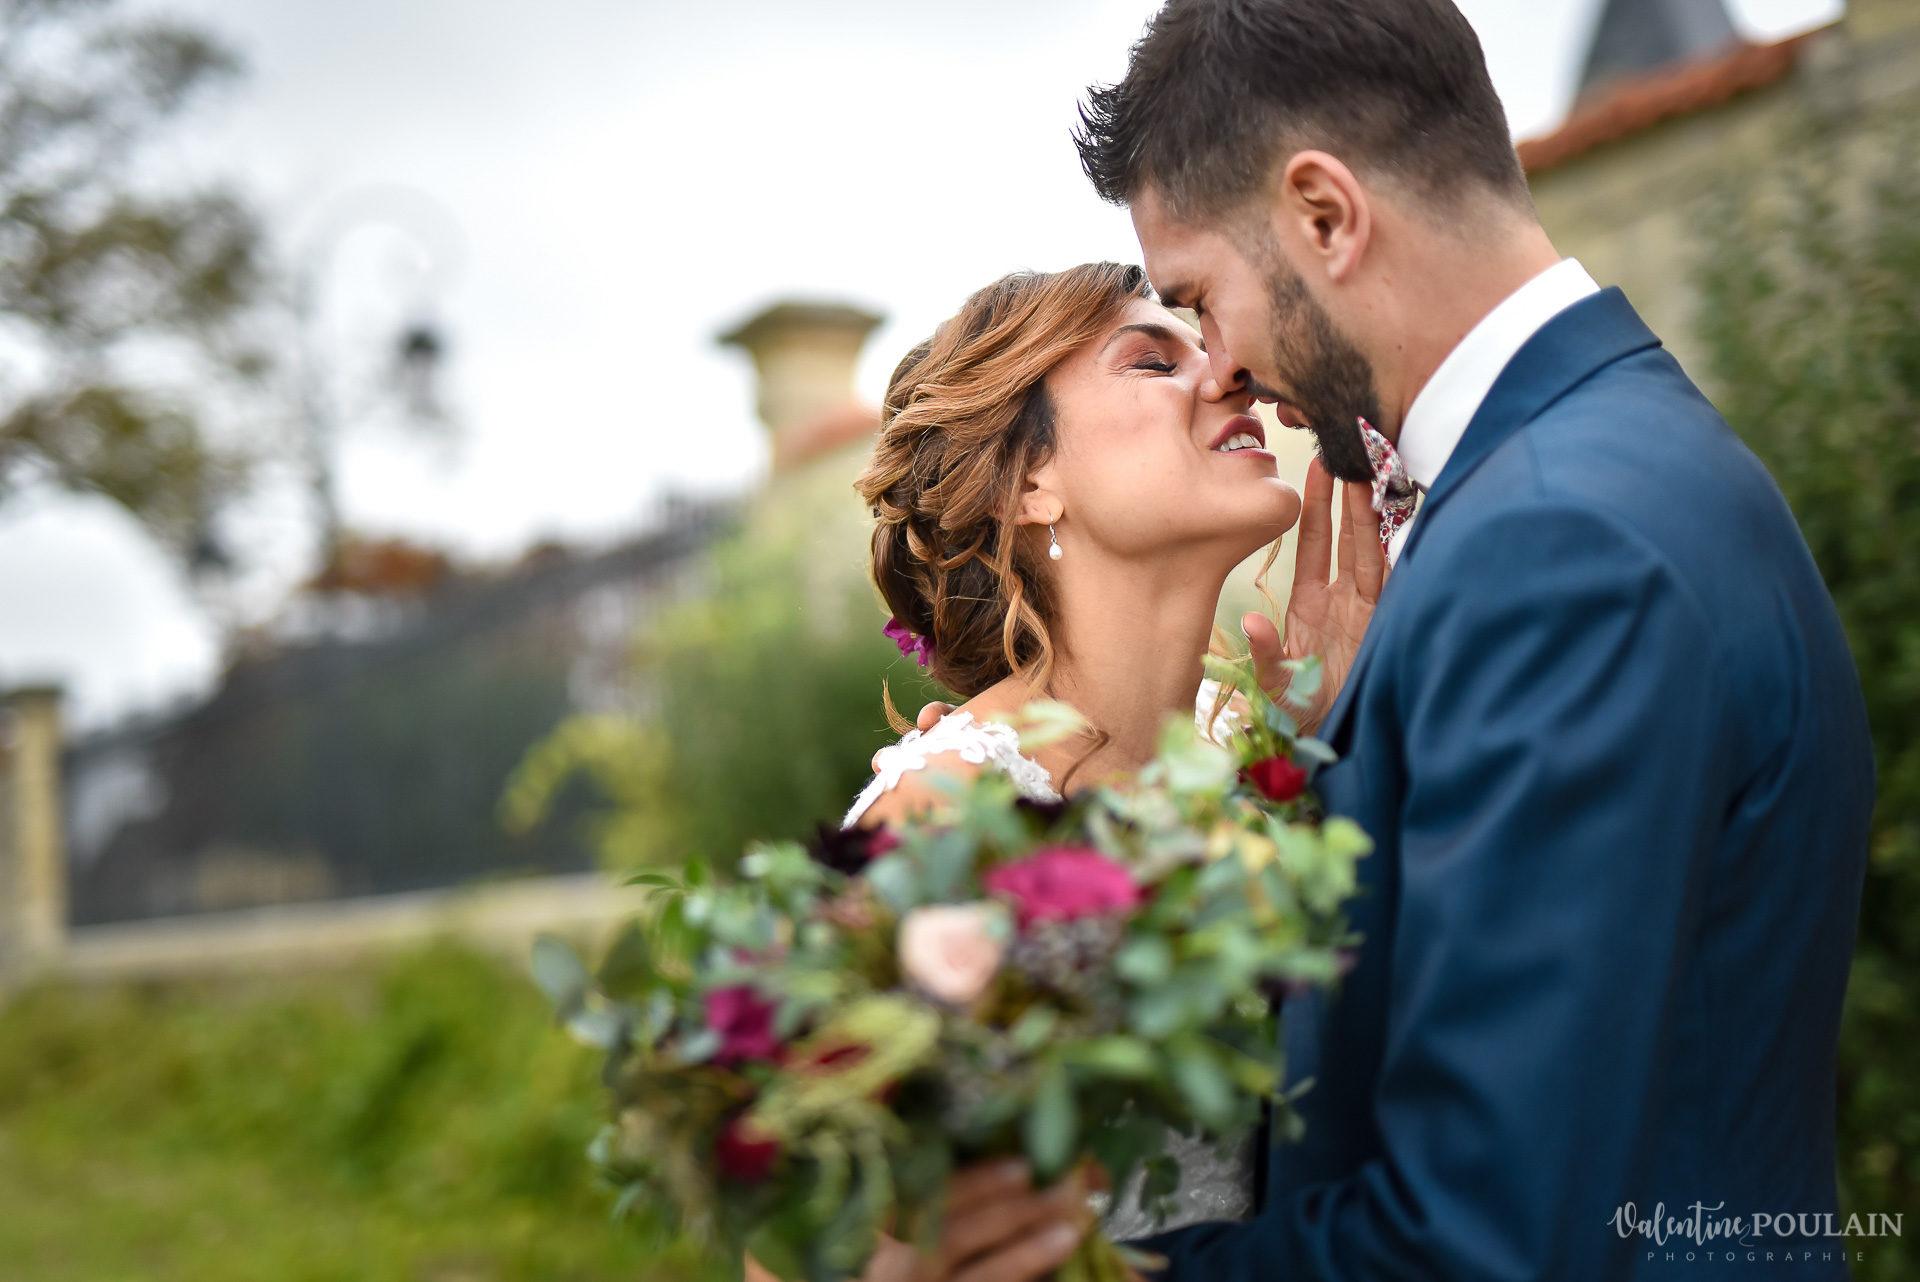 Mariage lieu insolite Paris -Valentine Poulain Domaine de Brunel Château du Prieuré couple